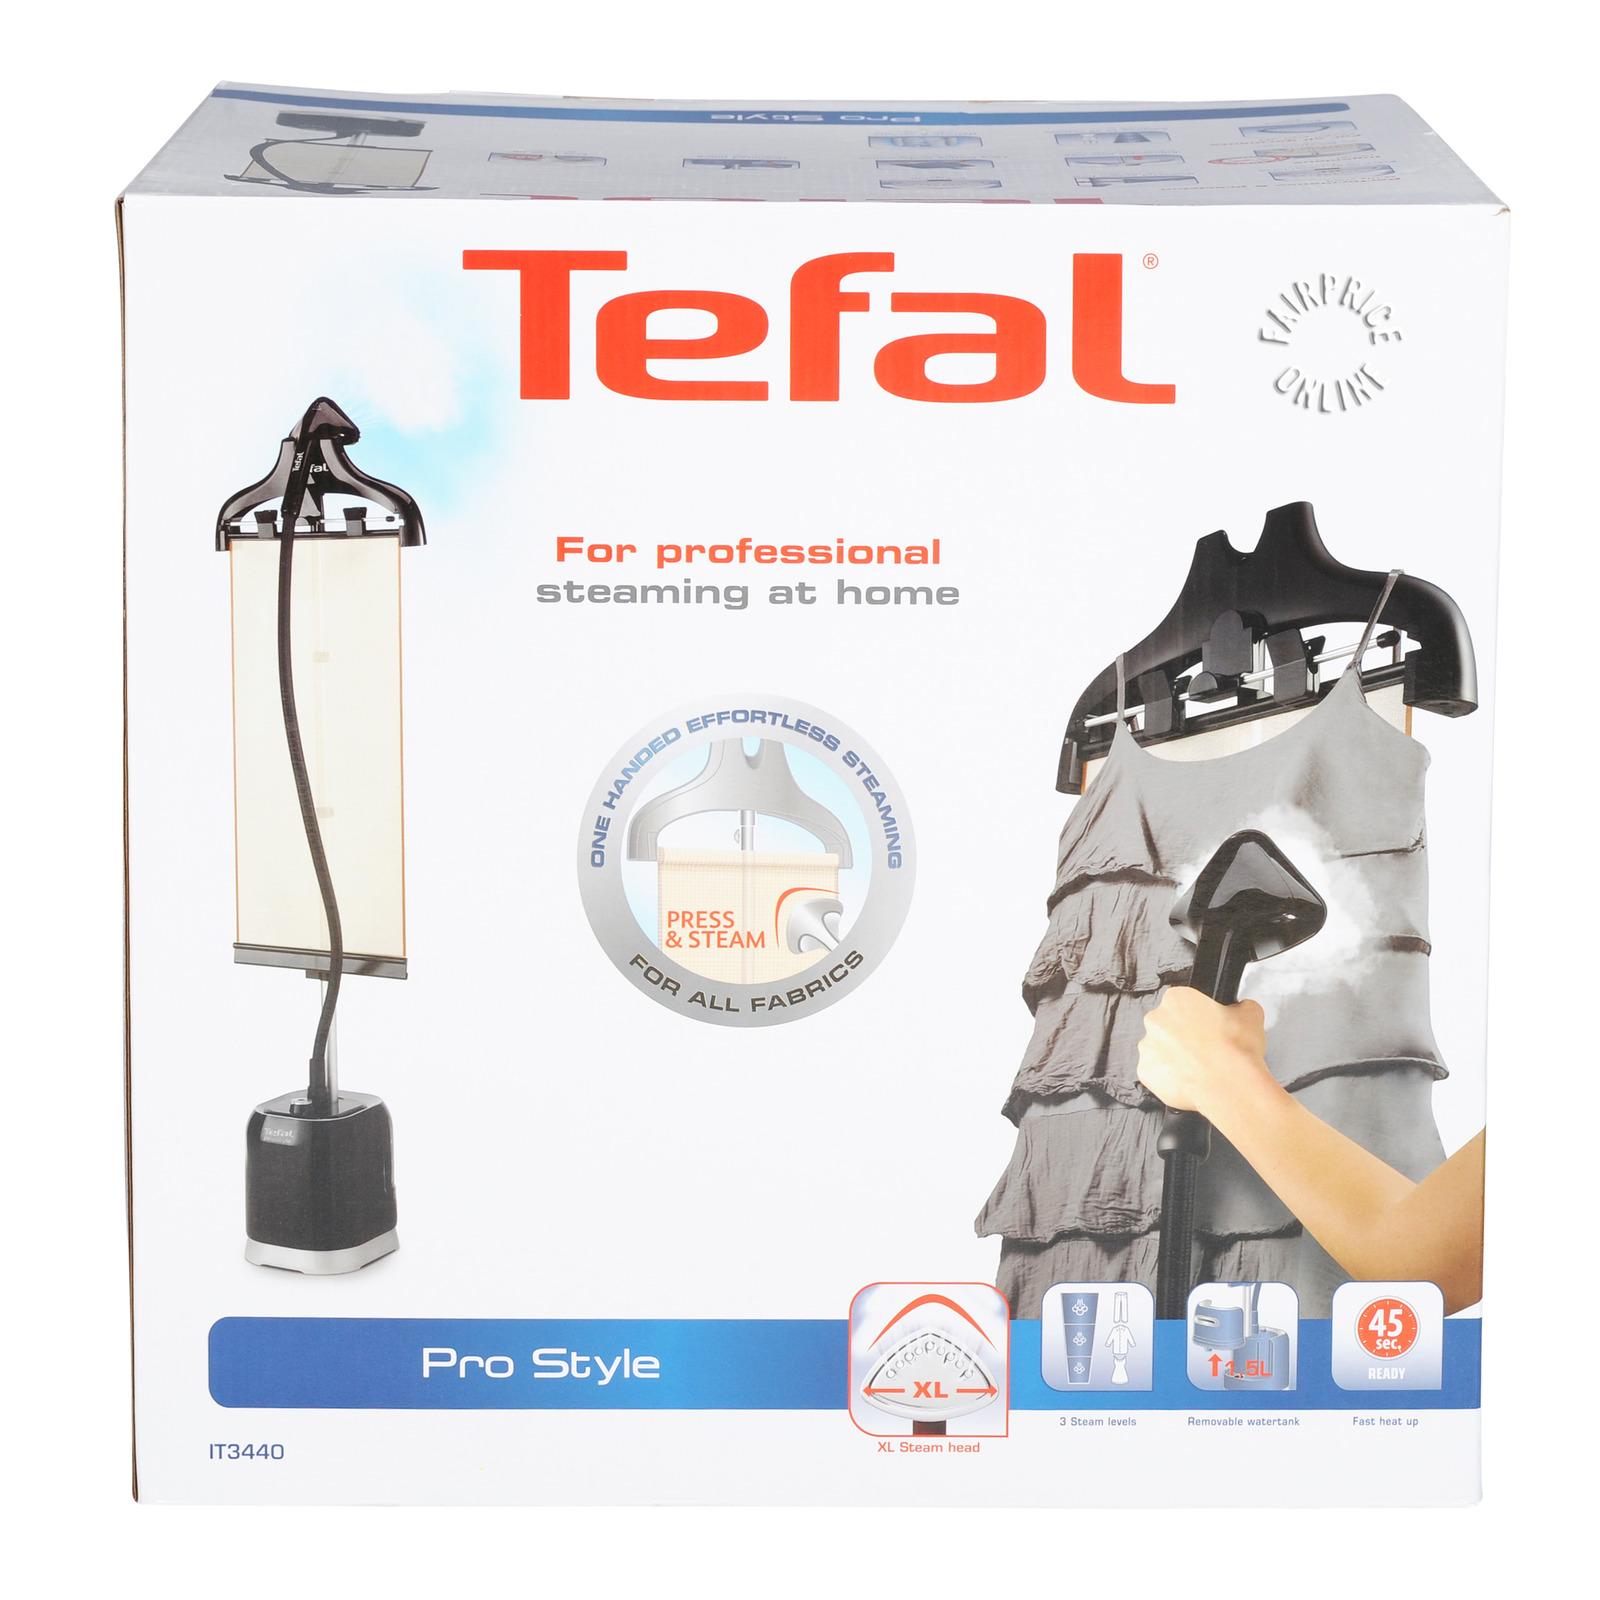 Tefal Garment Steamer - Pro Style (IT3440)